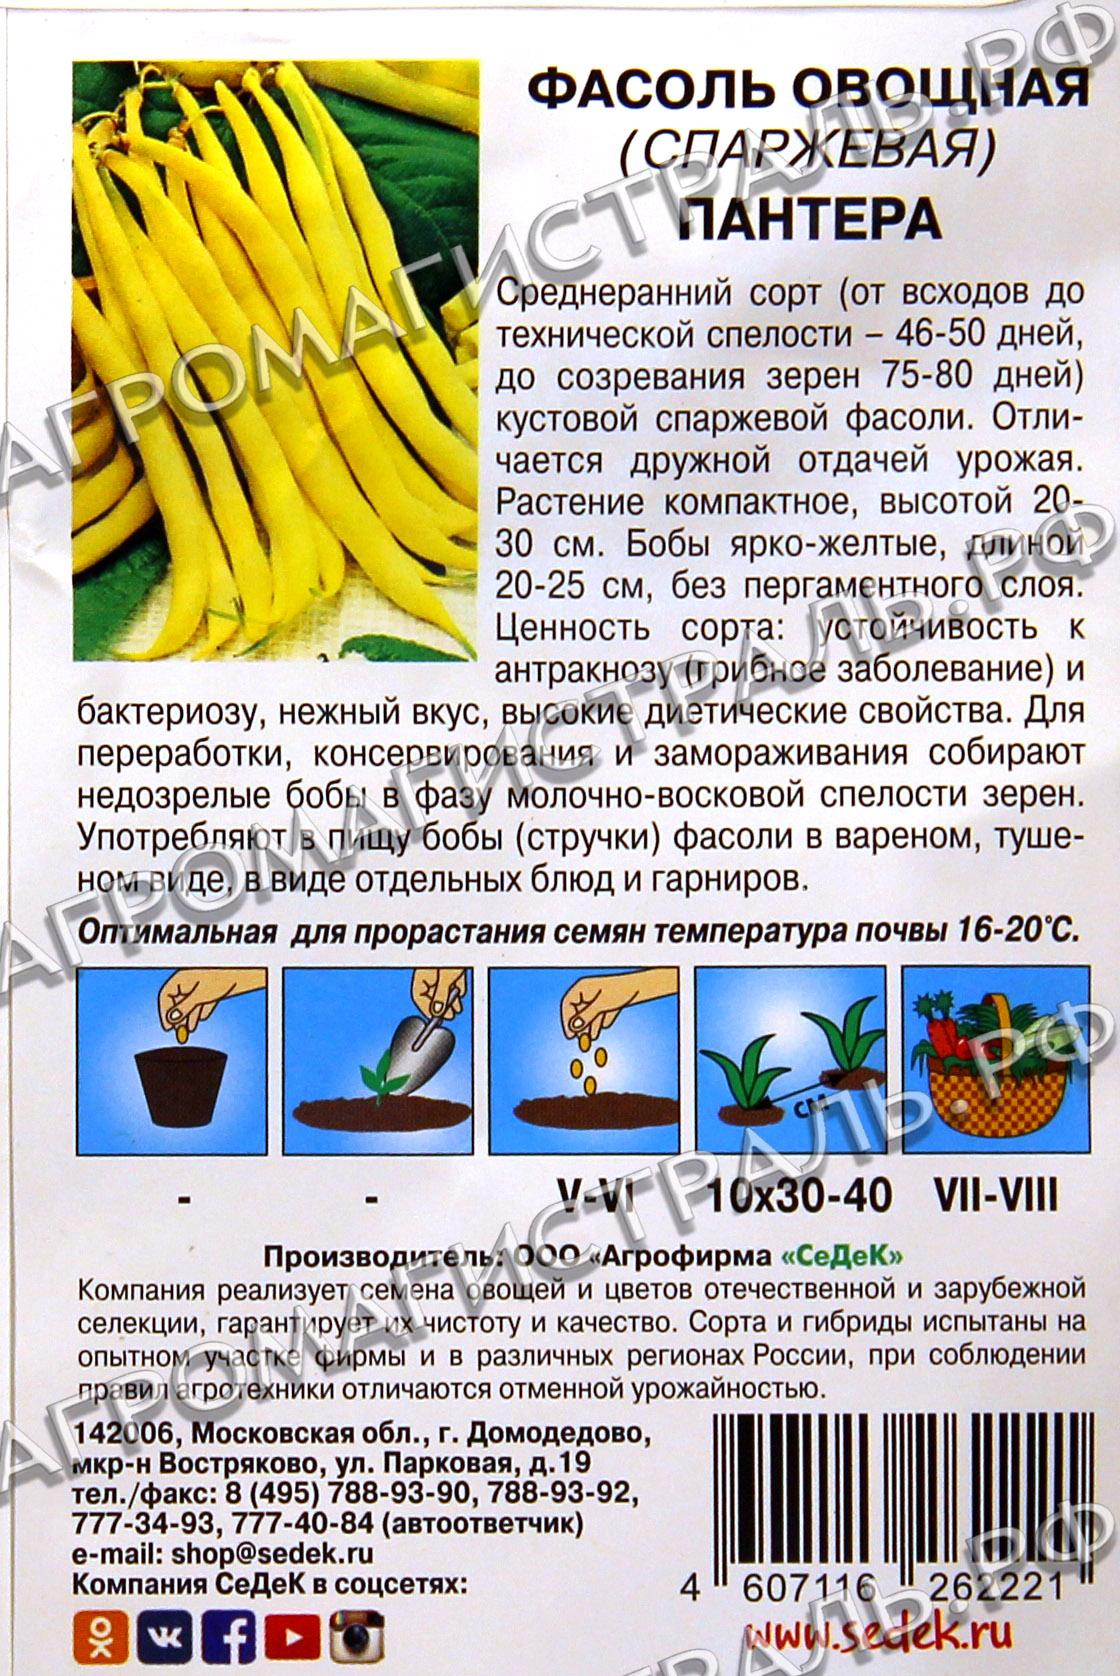 Спаржевая фасоль: описание и фото сортов и разновидностей, сорта спаржевой фасоли